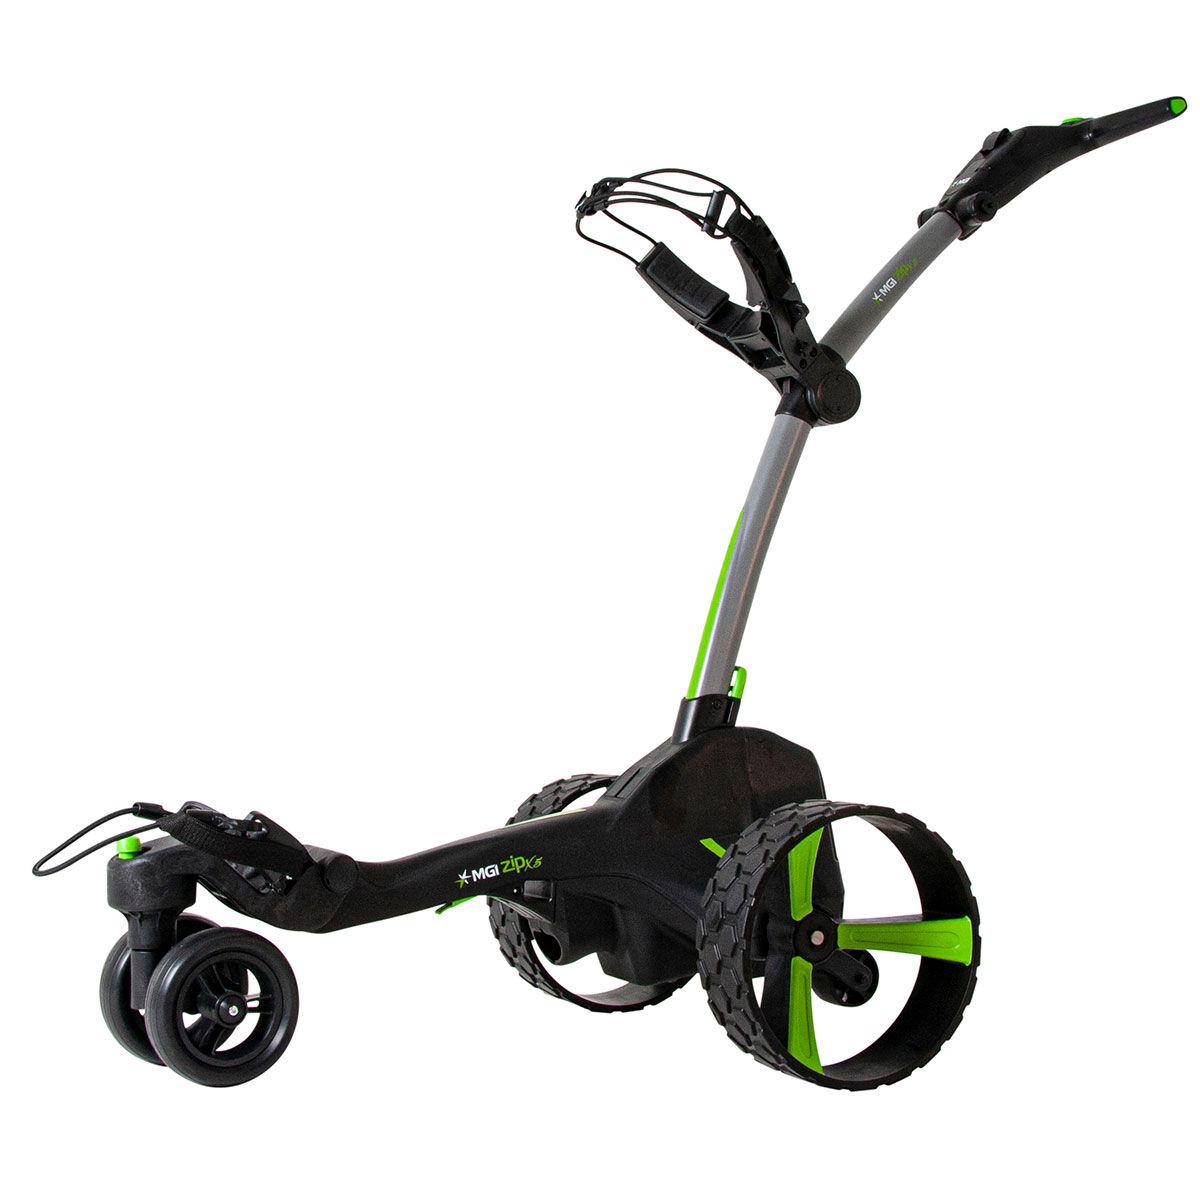 """MGI Golf Grey Zip X5 Lithium Electric Golf Trolley, Size: 27.55x18.5x16.5""""   American Golf   American Golf"""